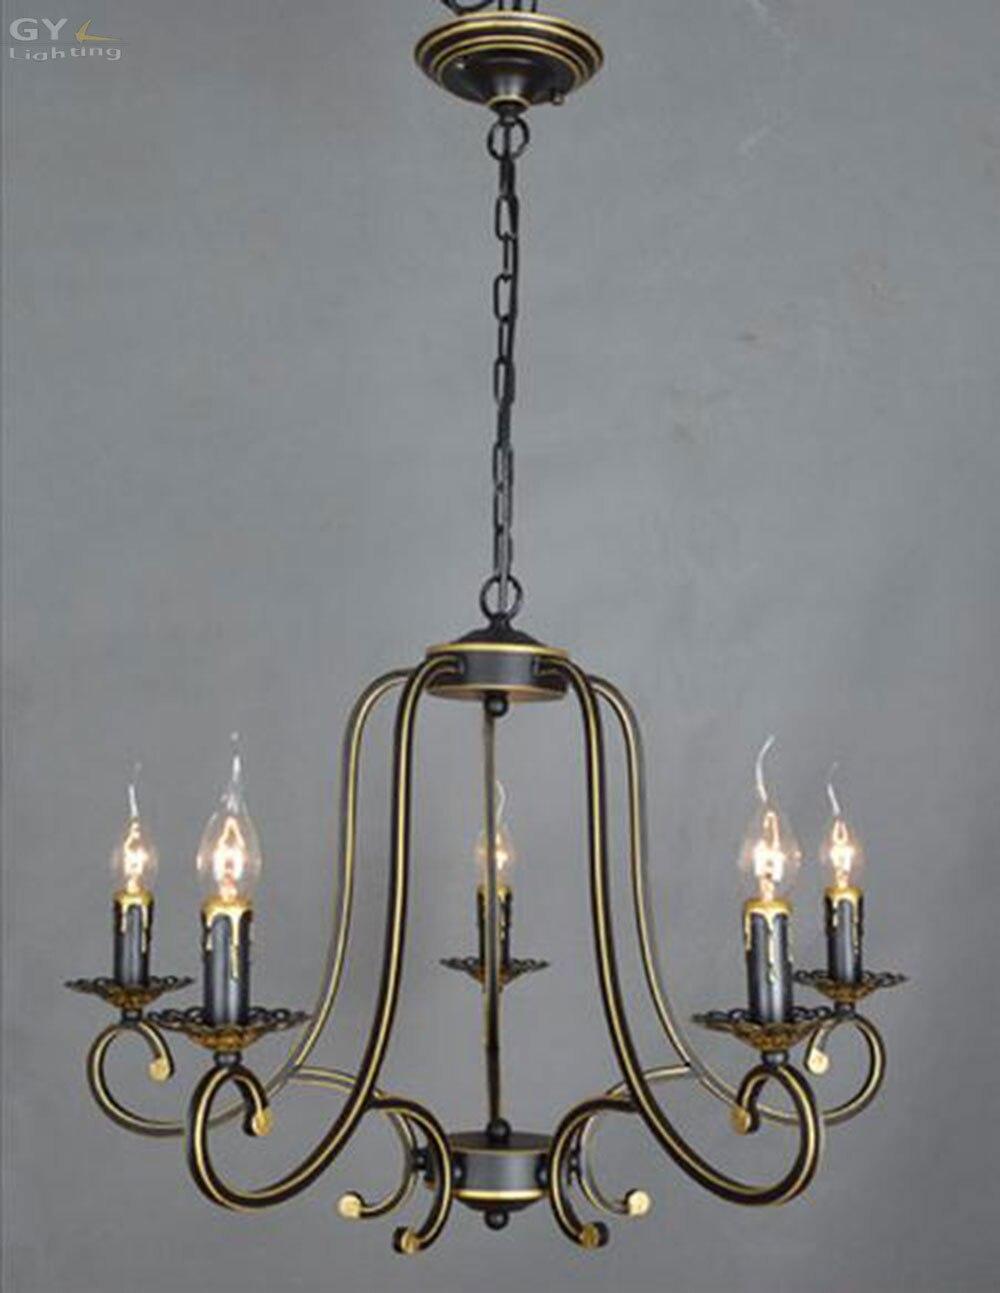 Acquista all'ingrosso online wrought iron chandelier 5 da ...